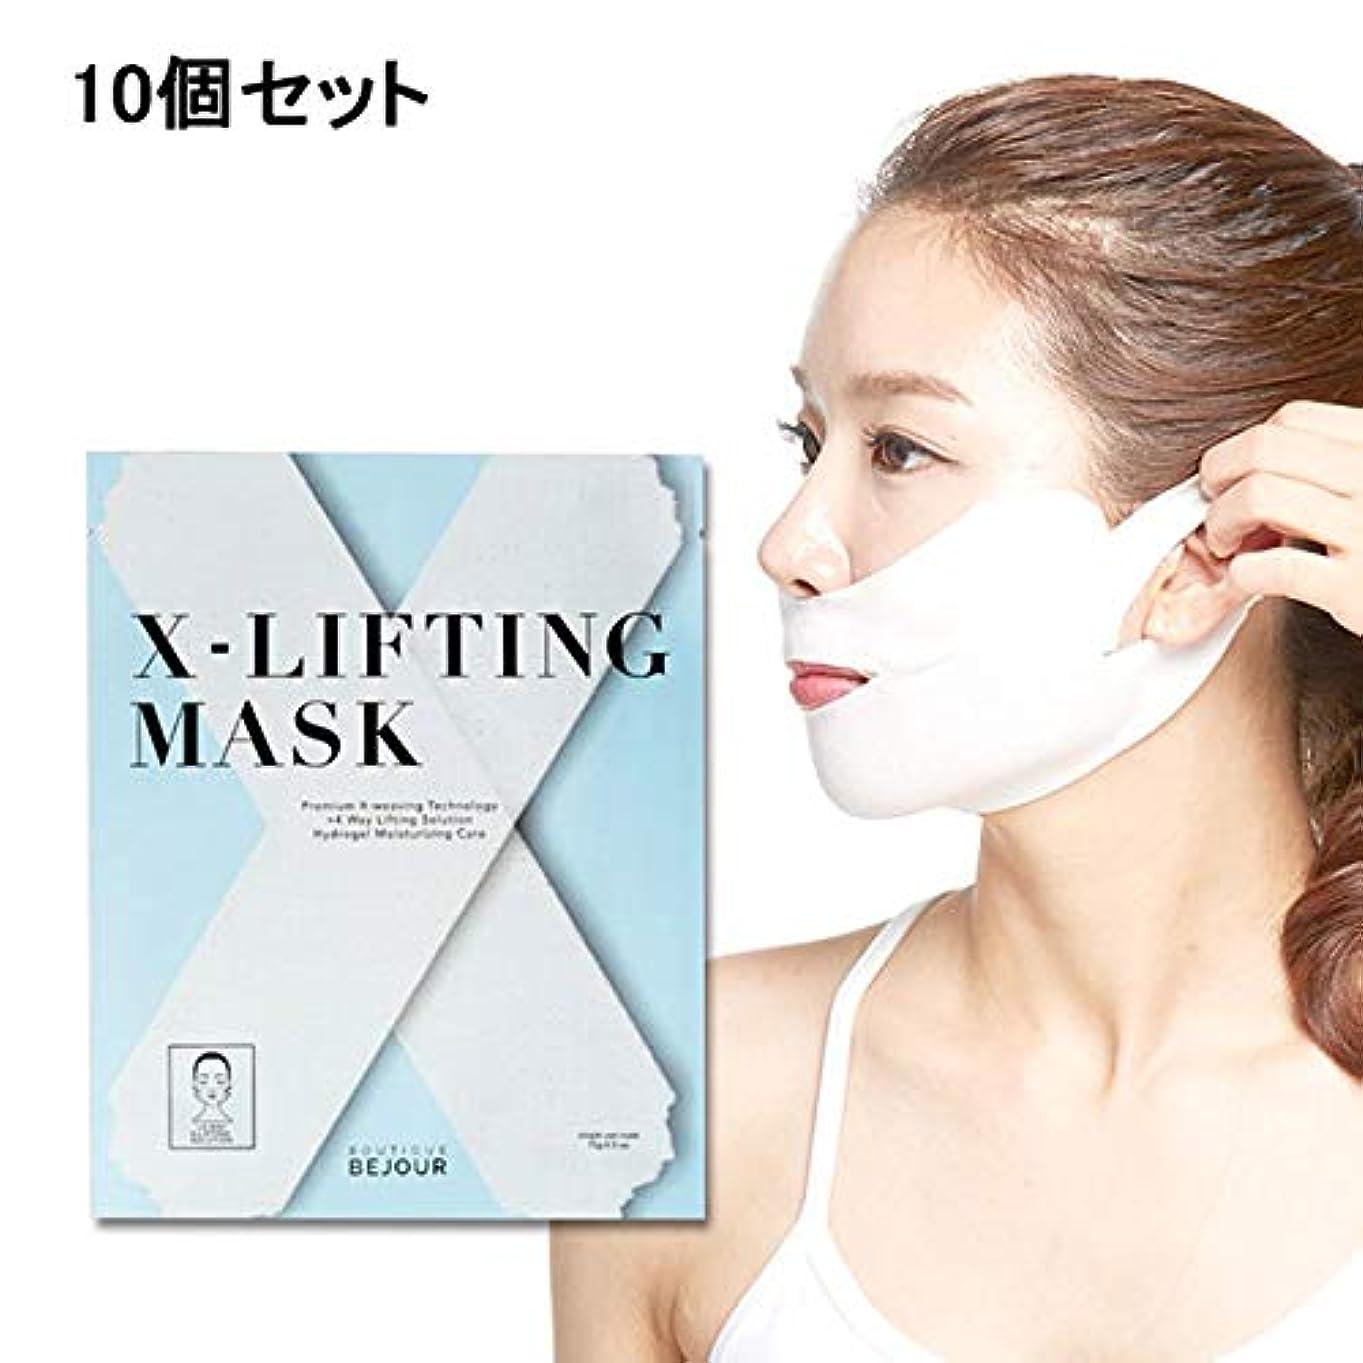 クラブ食事クッション< ビジュール > X-Lifting (エックスリフティング) マスク (10個セット) [ リフトアップ フェイスマスク フェイスシート フェイスパック フェイシャルマスク シートマスク フェイシャルシート フェイシャルパック ローションマスク ローションパック 顔パック ]